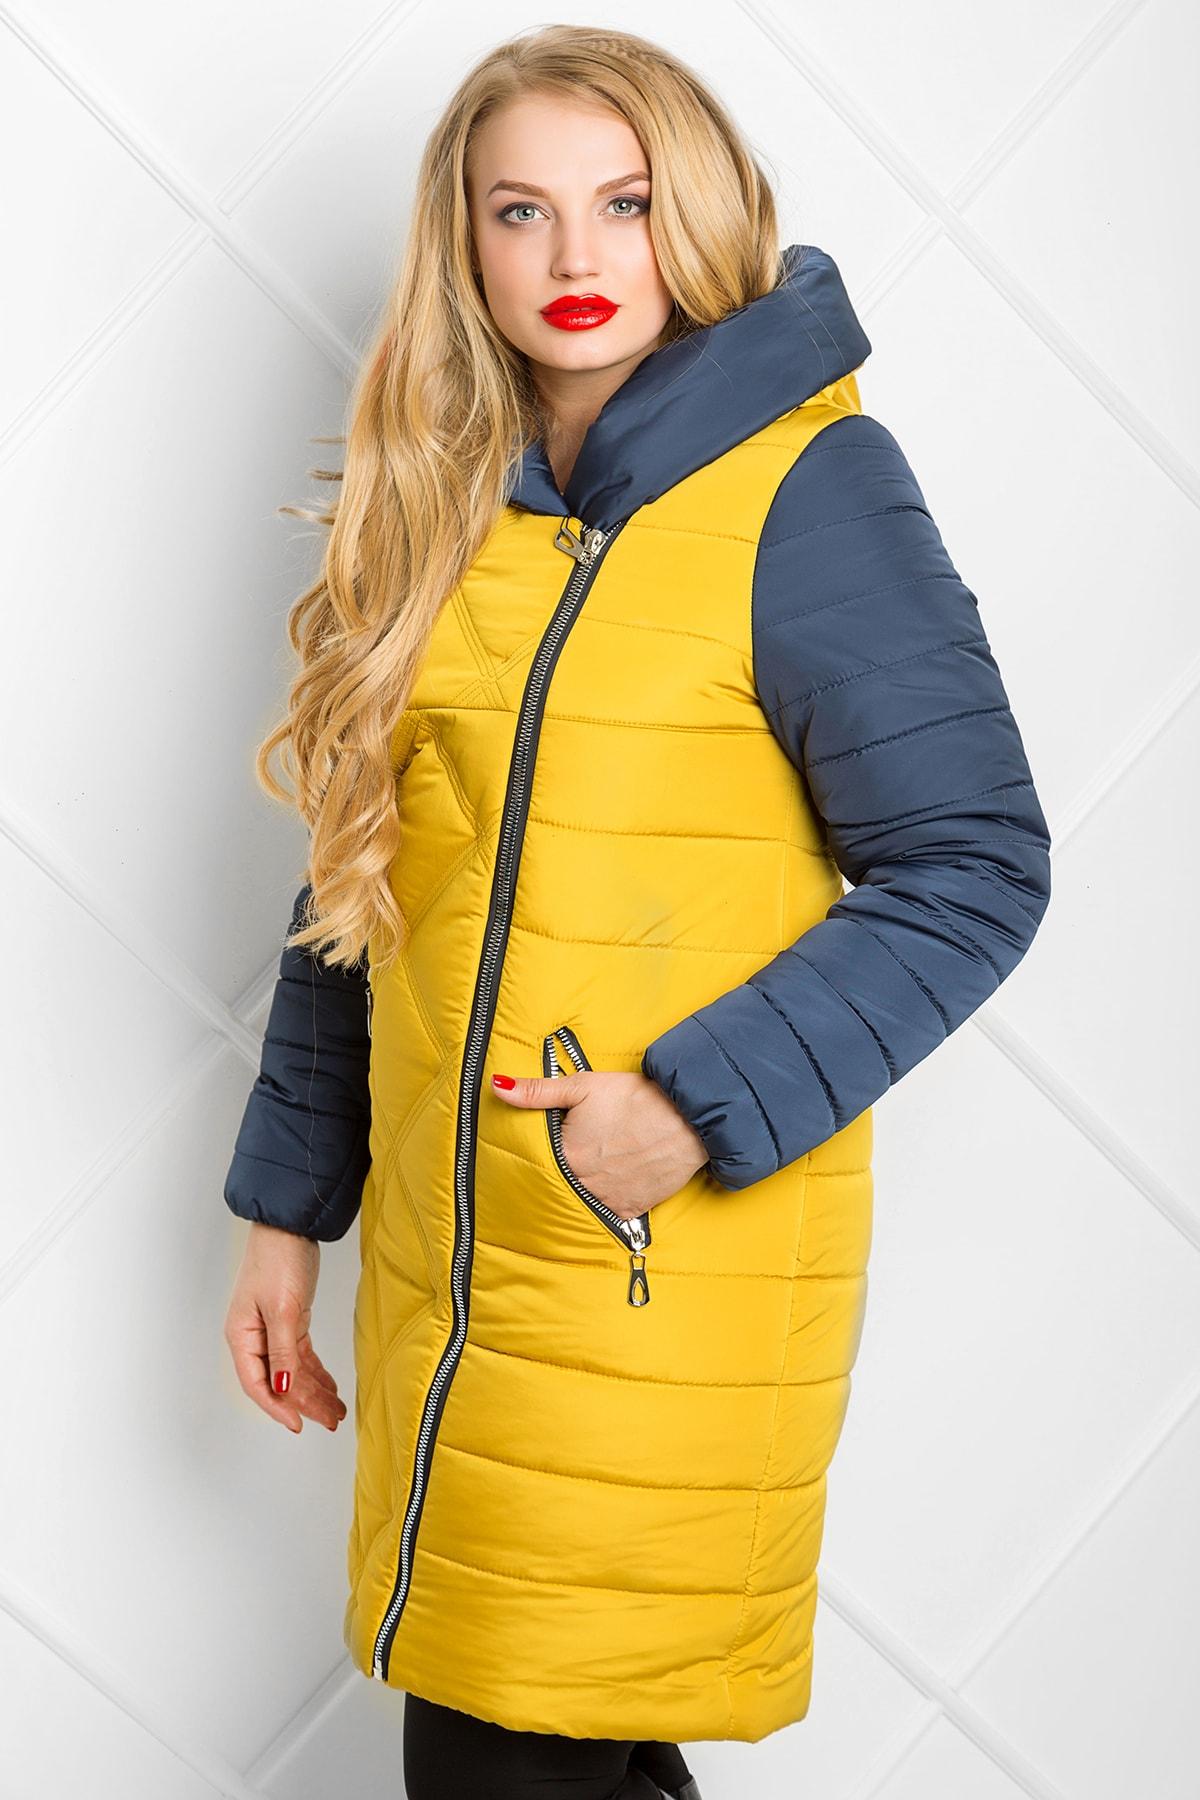 629c6e8eb67 Подбираем верхнюю одежду больших размеров в магазинах Украины